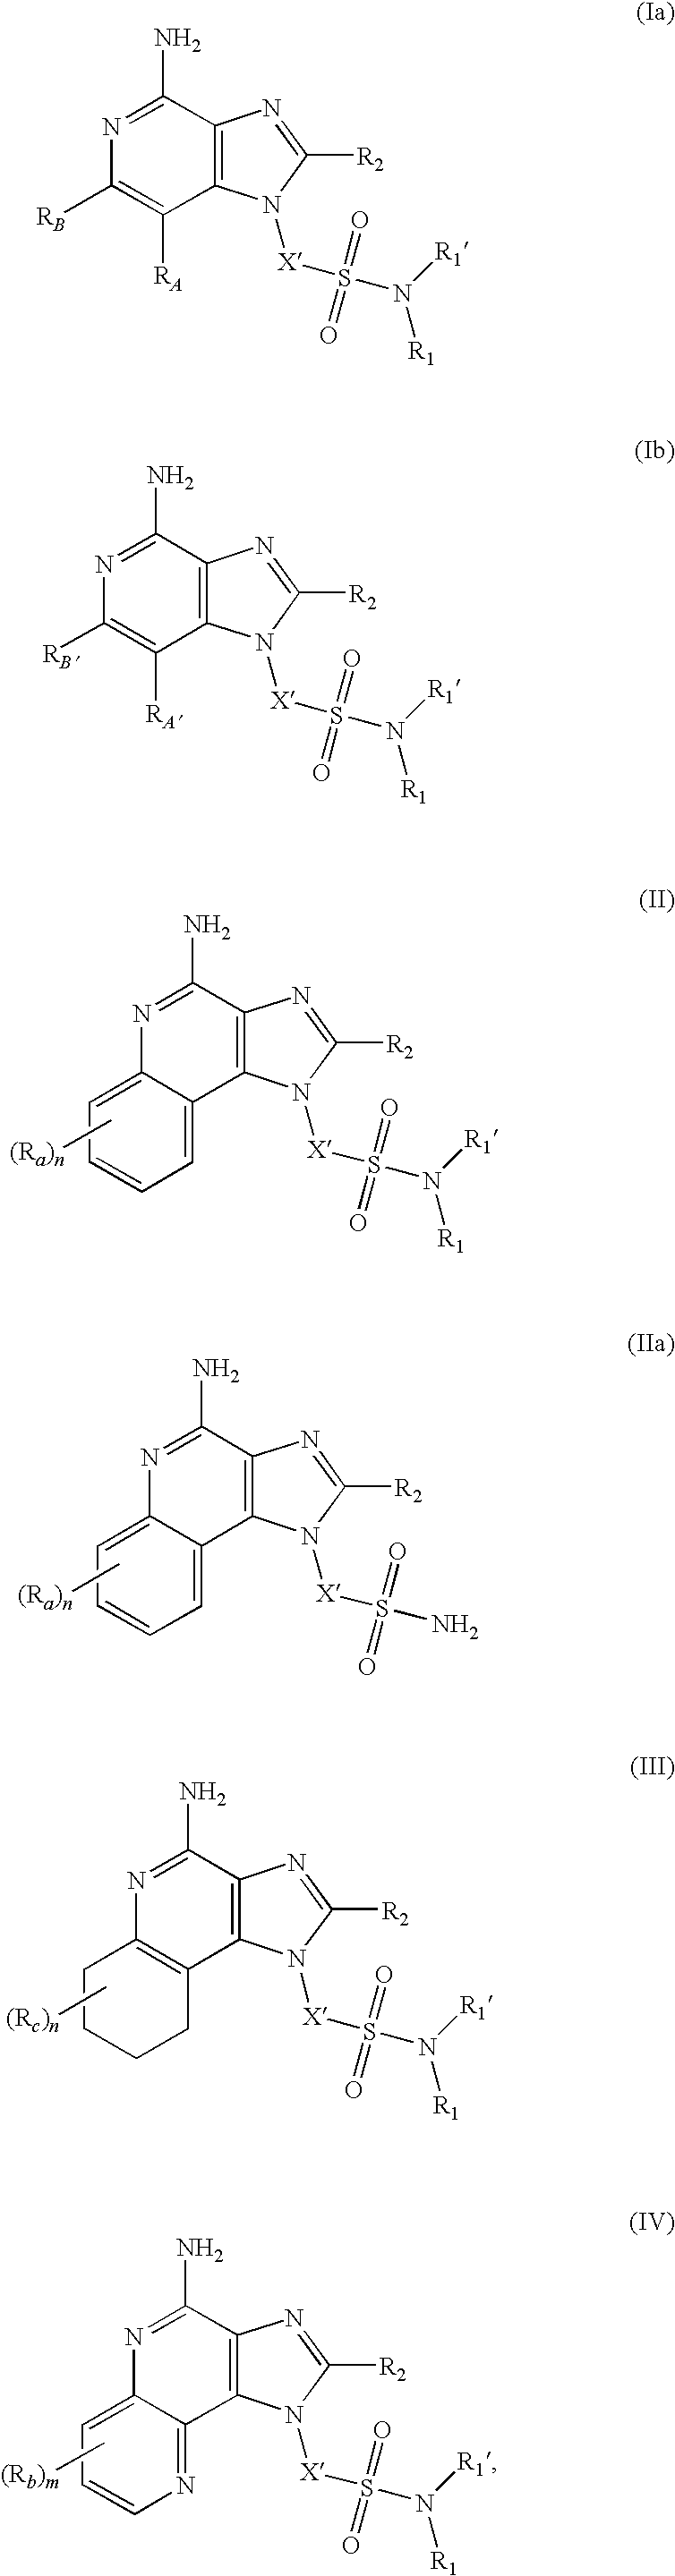 Figure US08735421-20140527-C00006